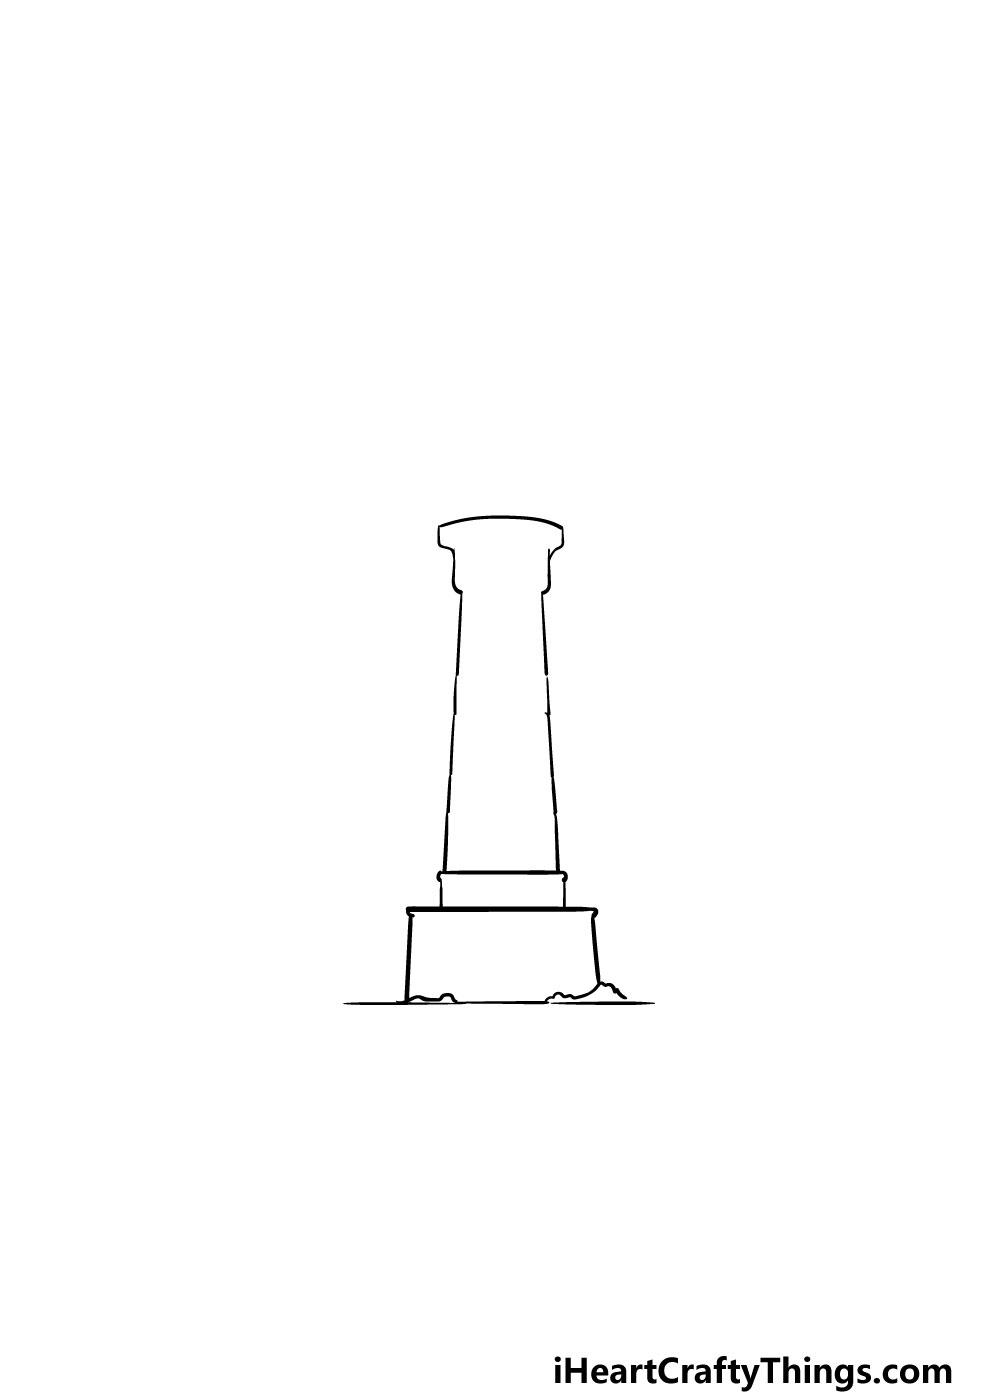 vẽ ngọn hải đăng bước 2